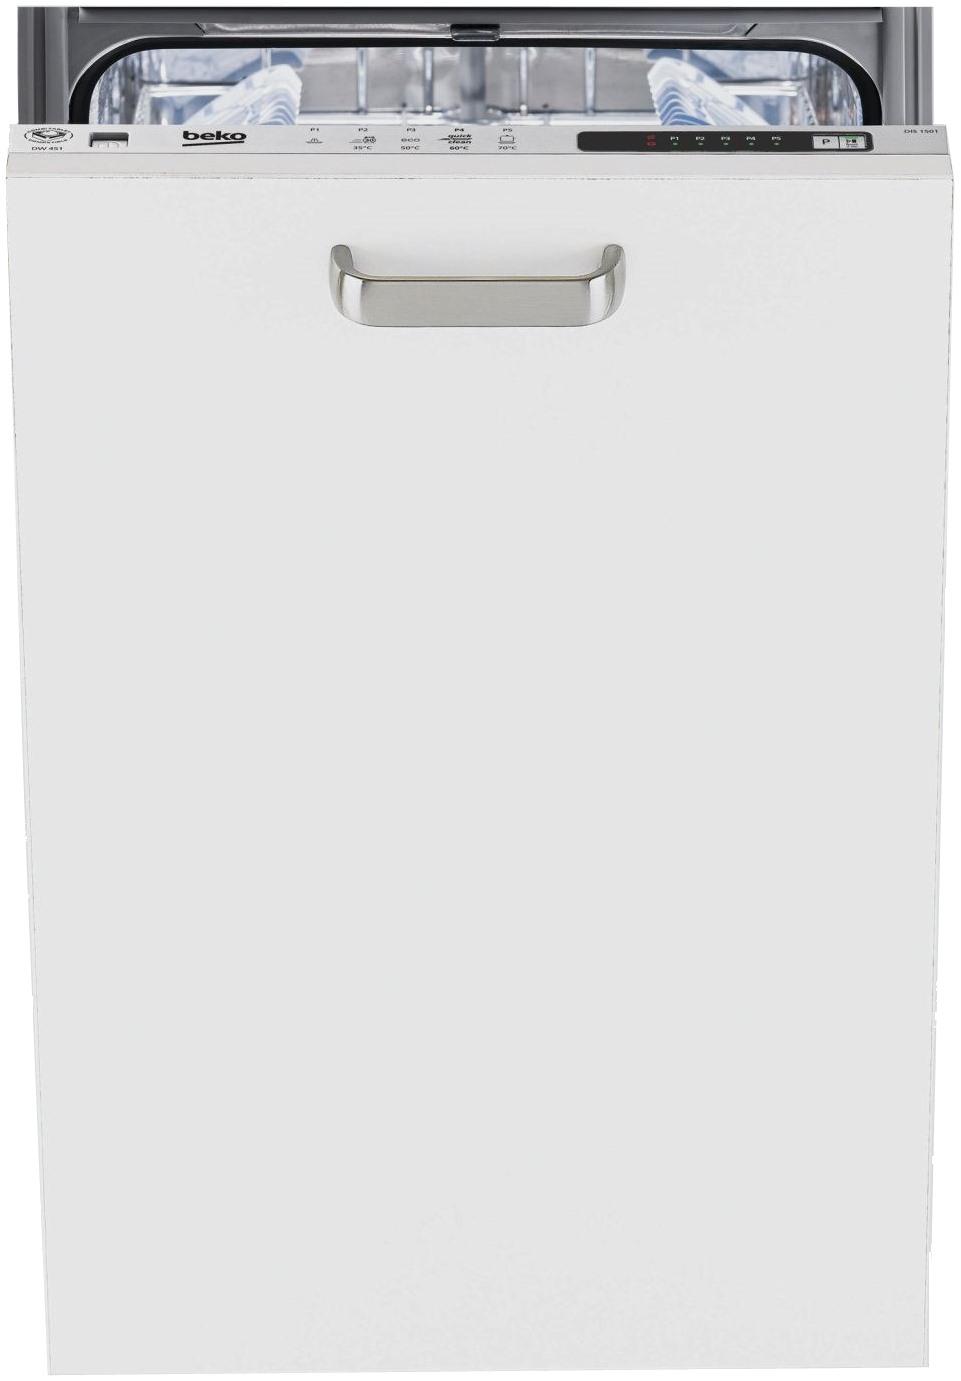 Встраиваемая посудомоечная машина Beko DIS 1501